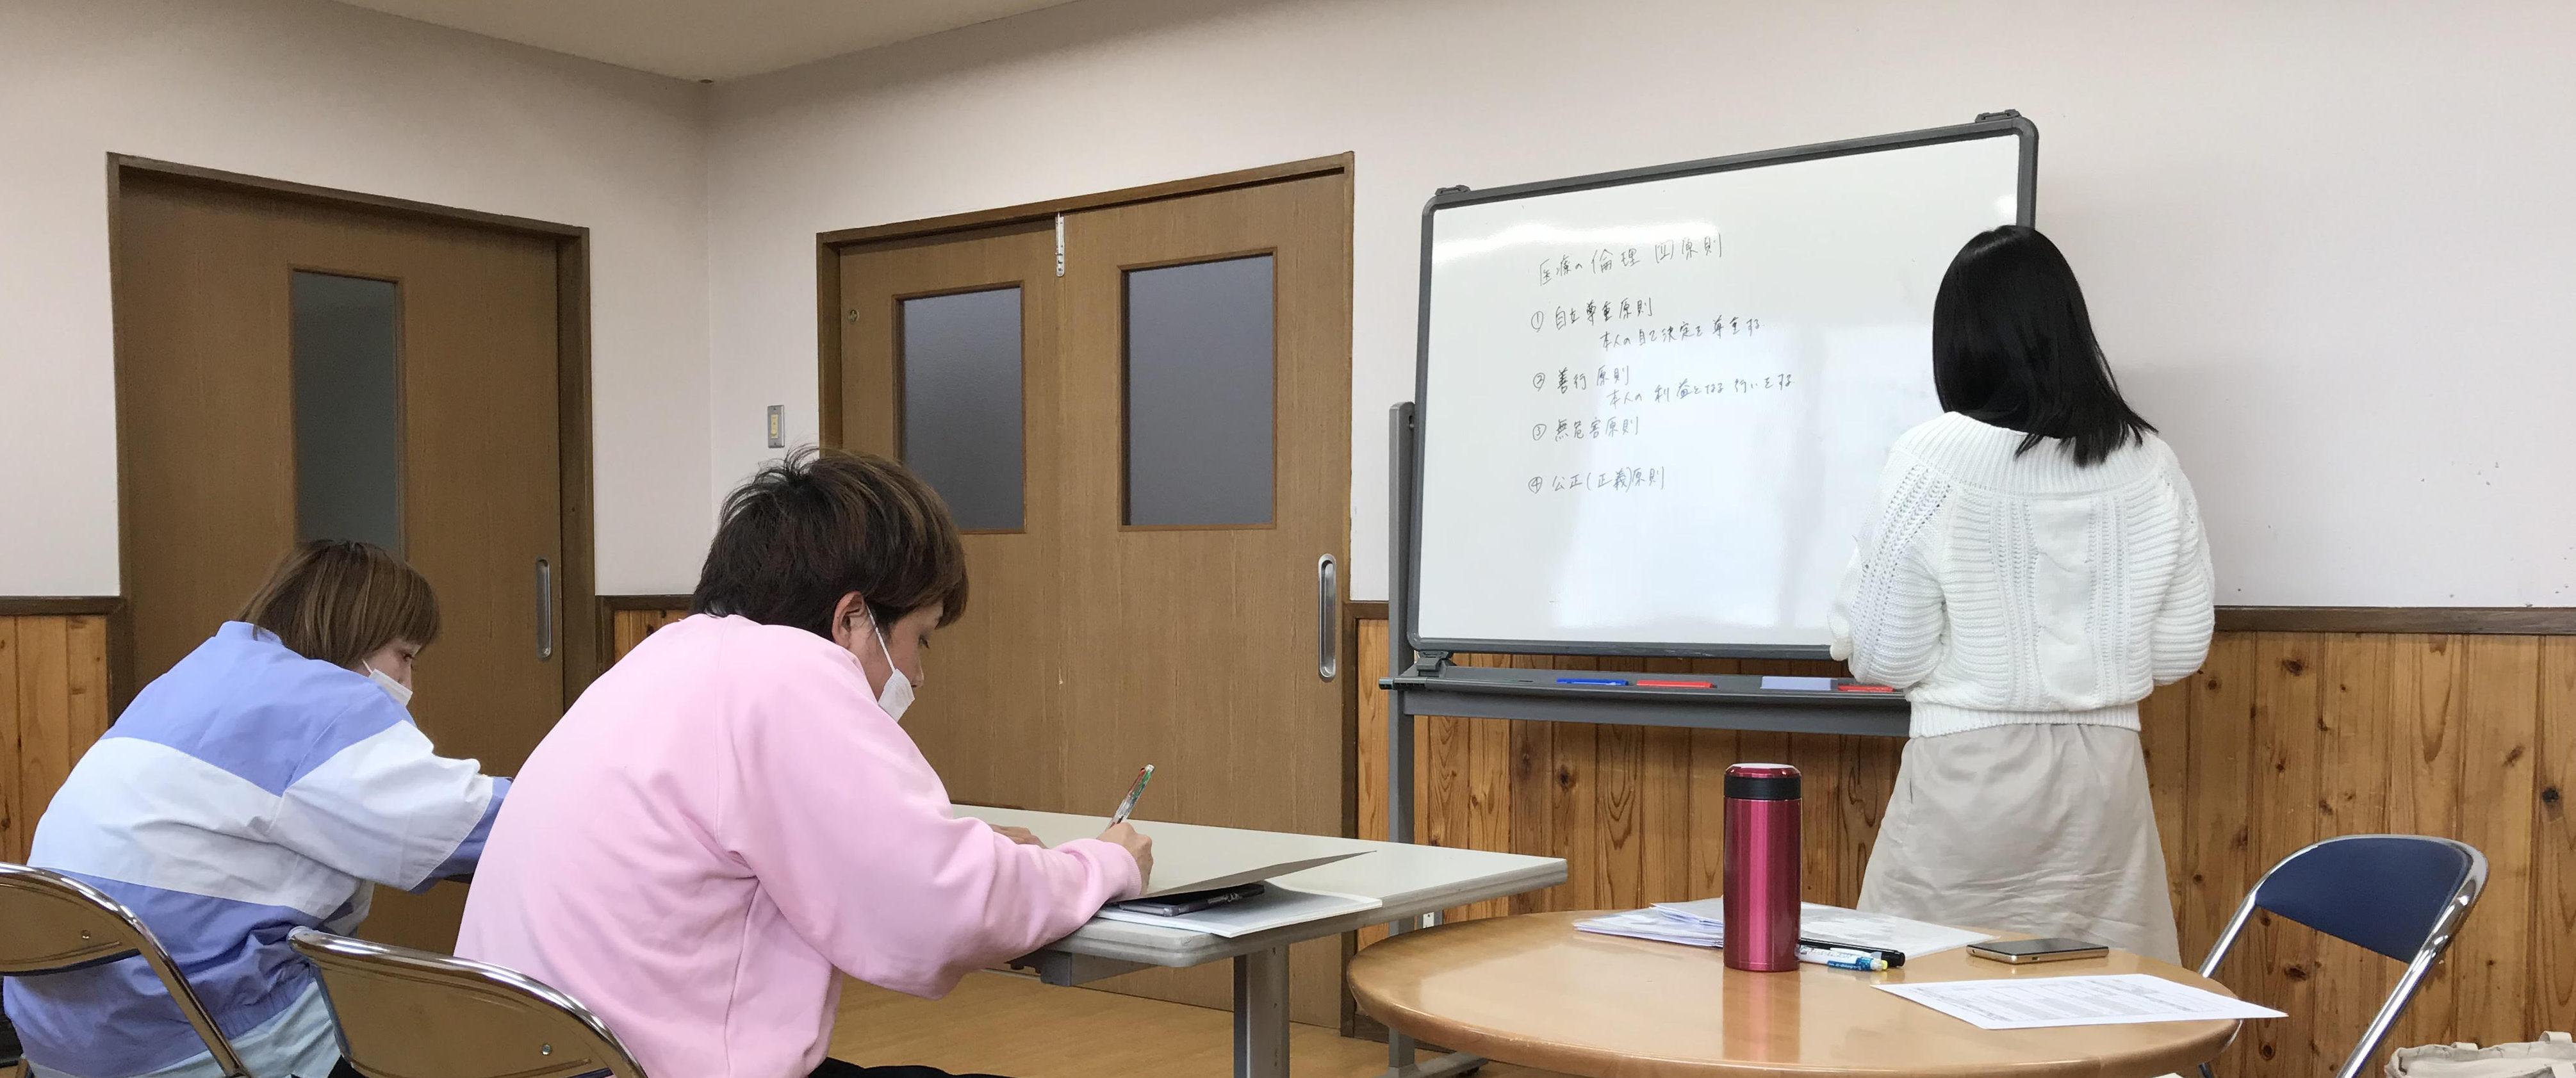 熊本県八代市 特別養護老人ホーム様(6班目)